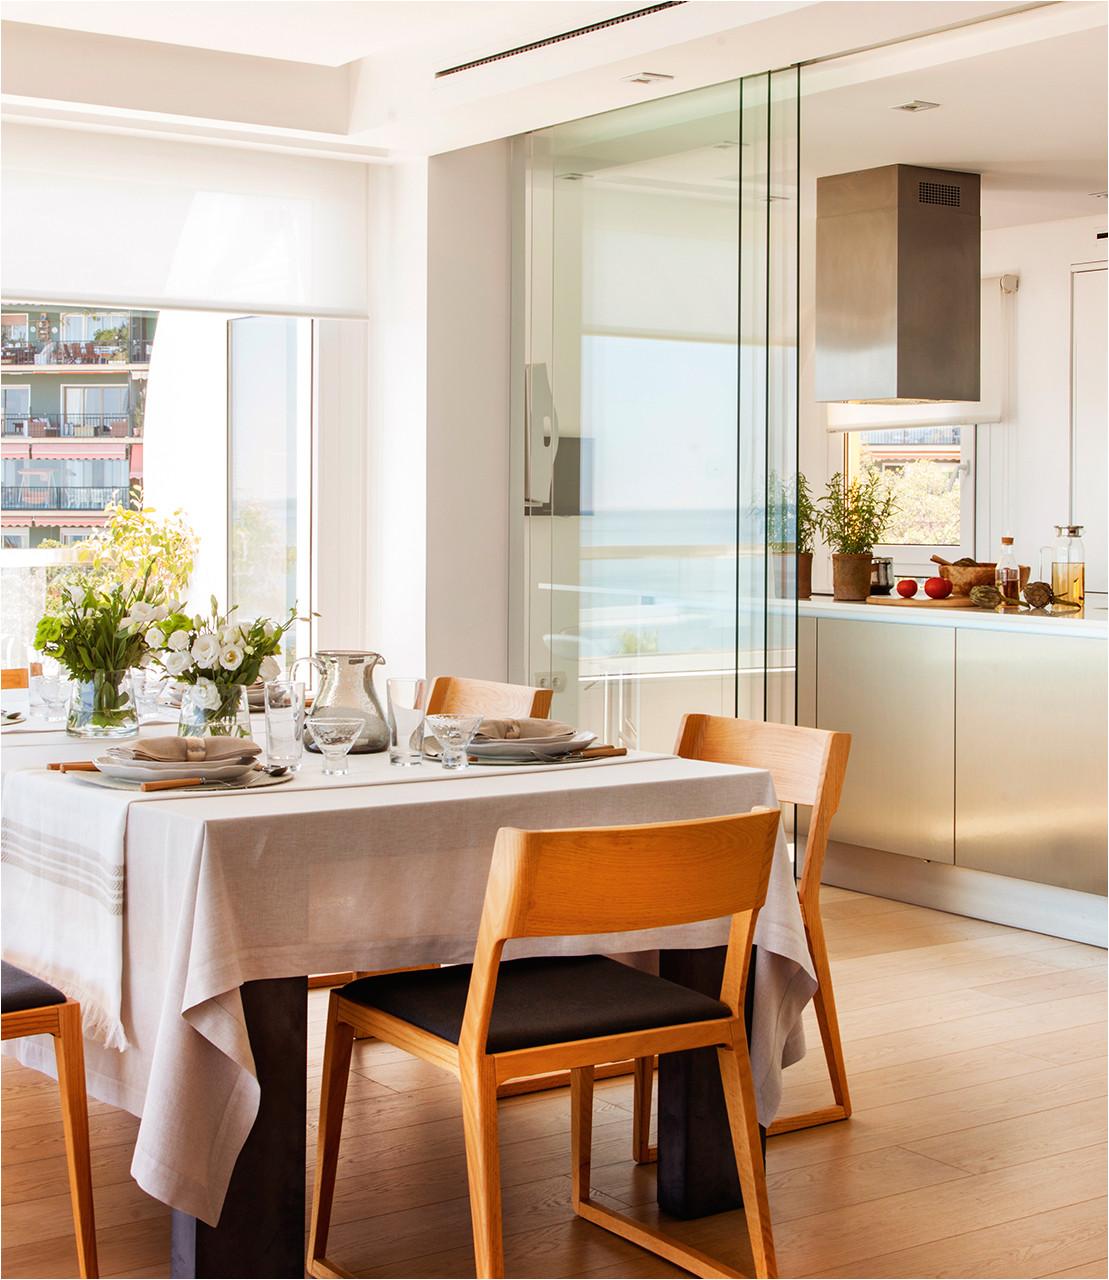 Dise os de cocinas peque as y sencillas con ventanas for Disenos de cocinas pequenas y sencillas